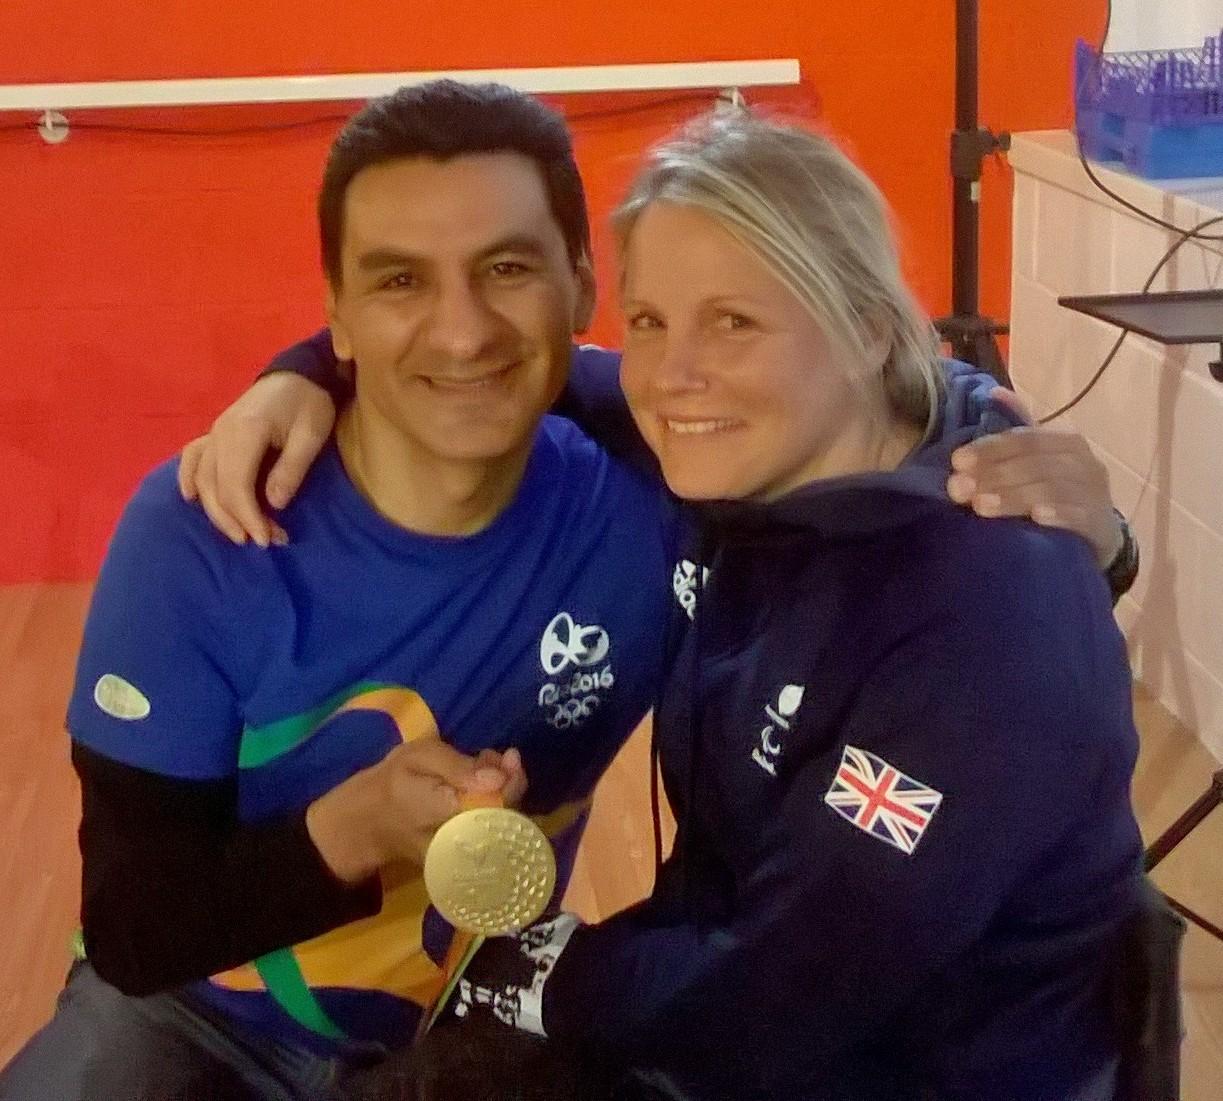 Gold medalist Karen Dark